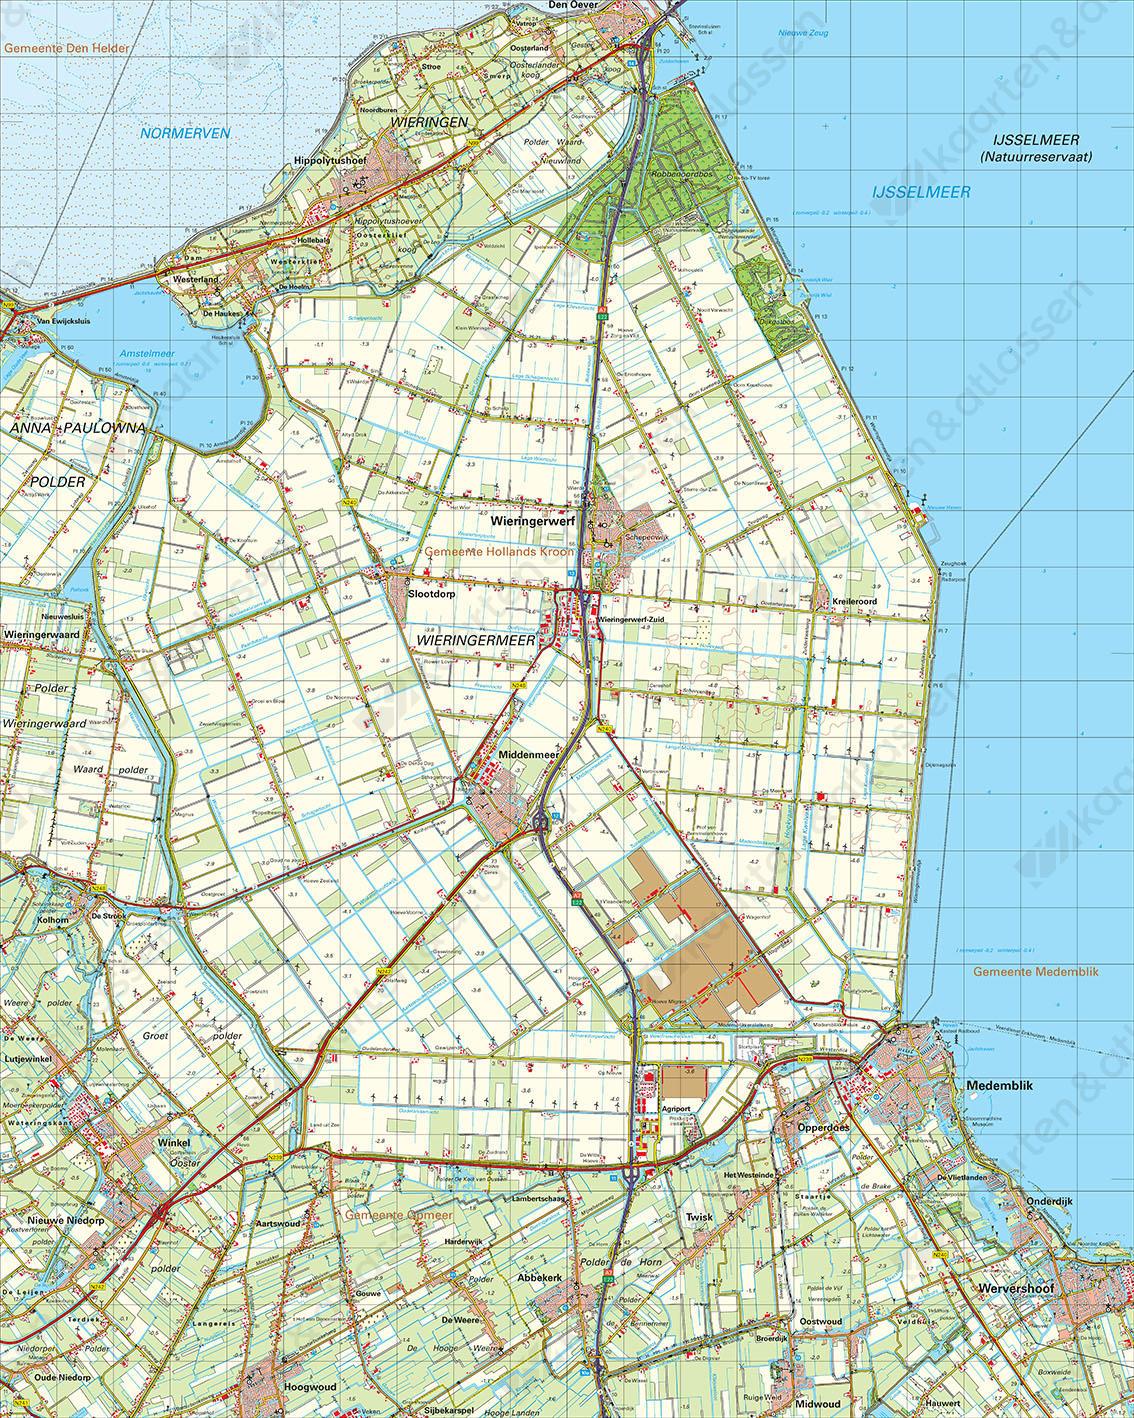 Digitale Topografische Kaart 14 Oost Medemblik